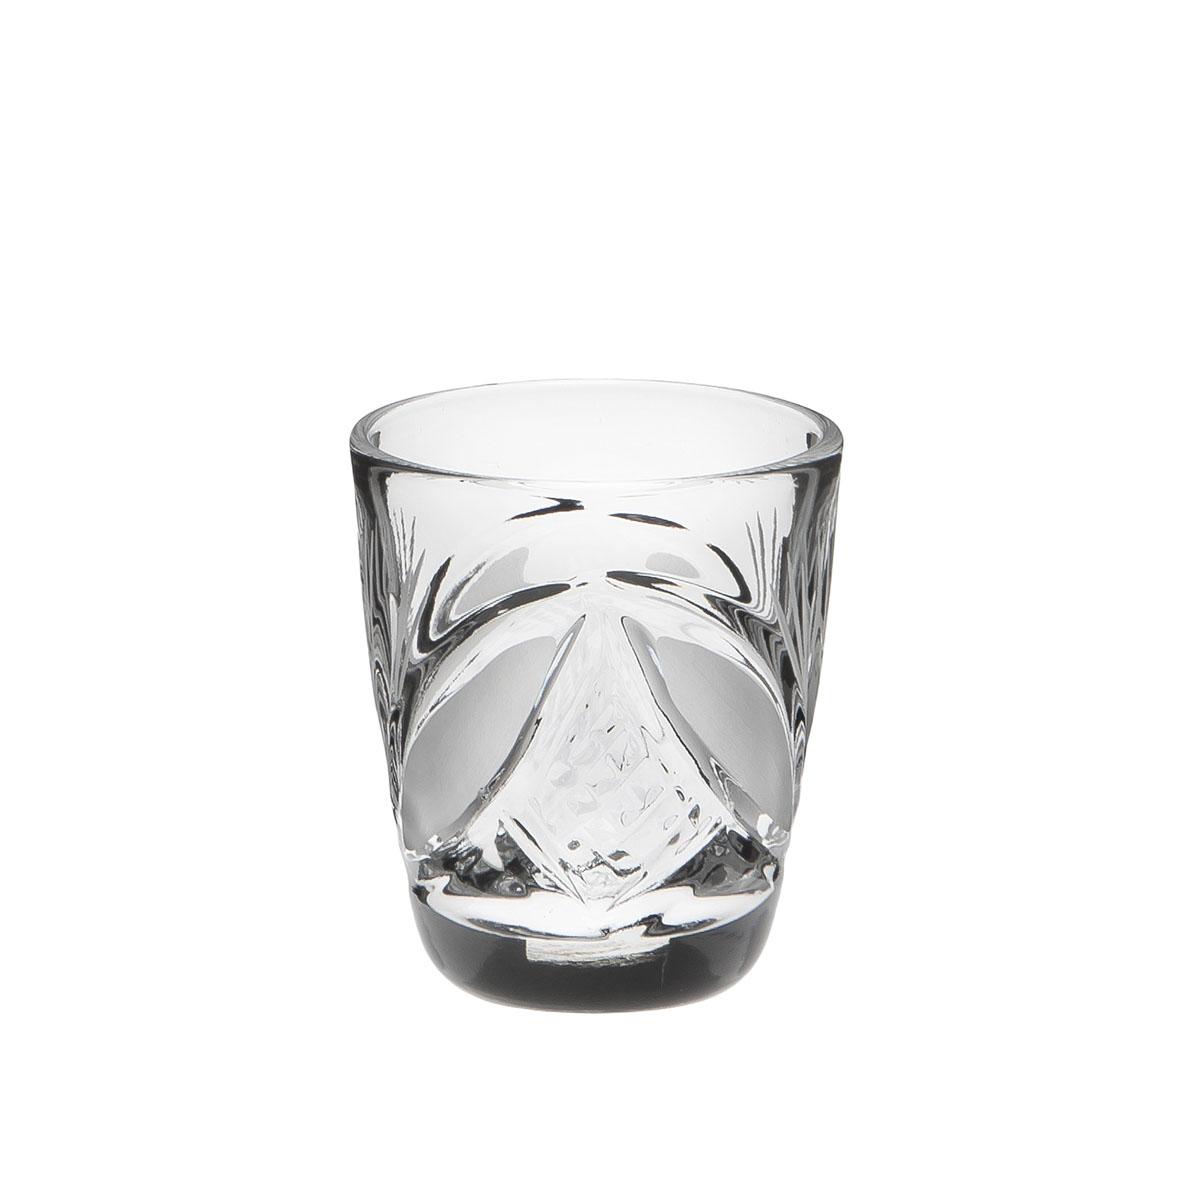 Стопка Дятьковский хрусталь Барыня. Камень, 30 мл. С344/6С344/6Хрустальные стаканы – красивое и простое решение для украшения праздничного стола. Стаканы из хрусталя универсальны, они подойдут и для алкогольных напитков – вина, шампанского, и для освежающих – минеральной воды, компота или сока. Если в вашей домашней коллекции еще нет предметов хрустальной посуды, купить хрустальные стаканы стоит обязательно.